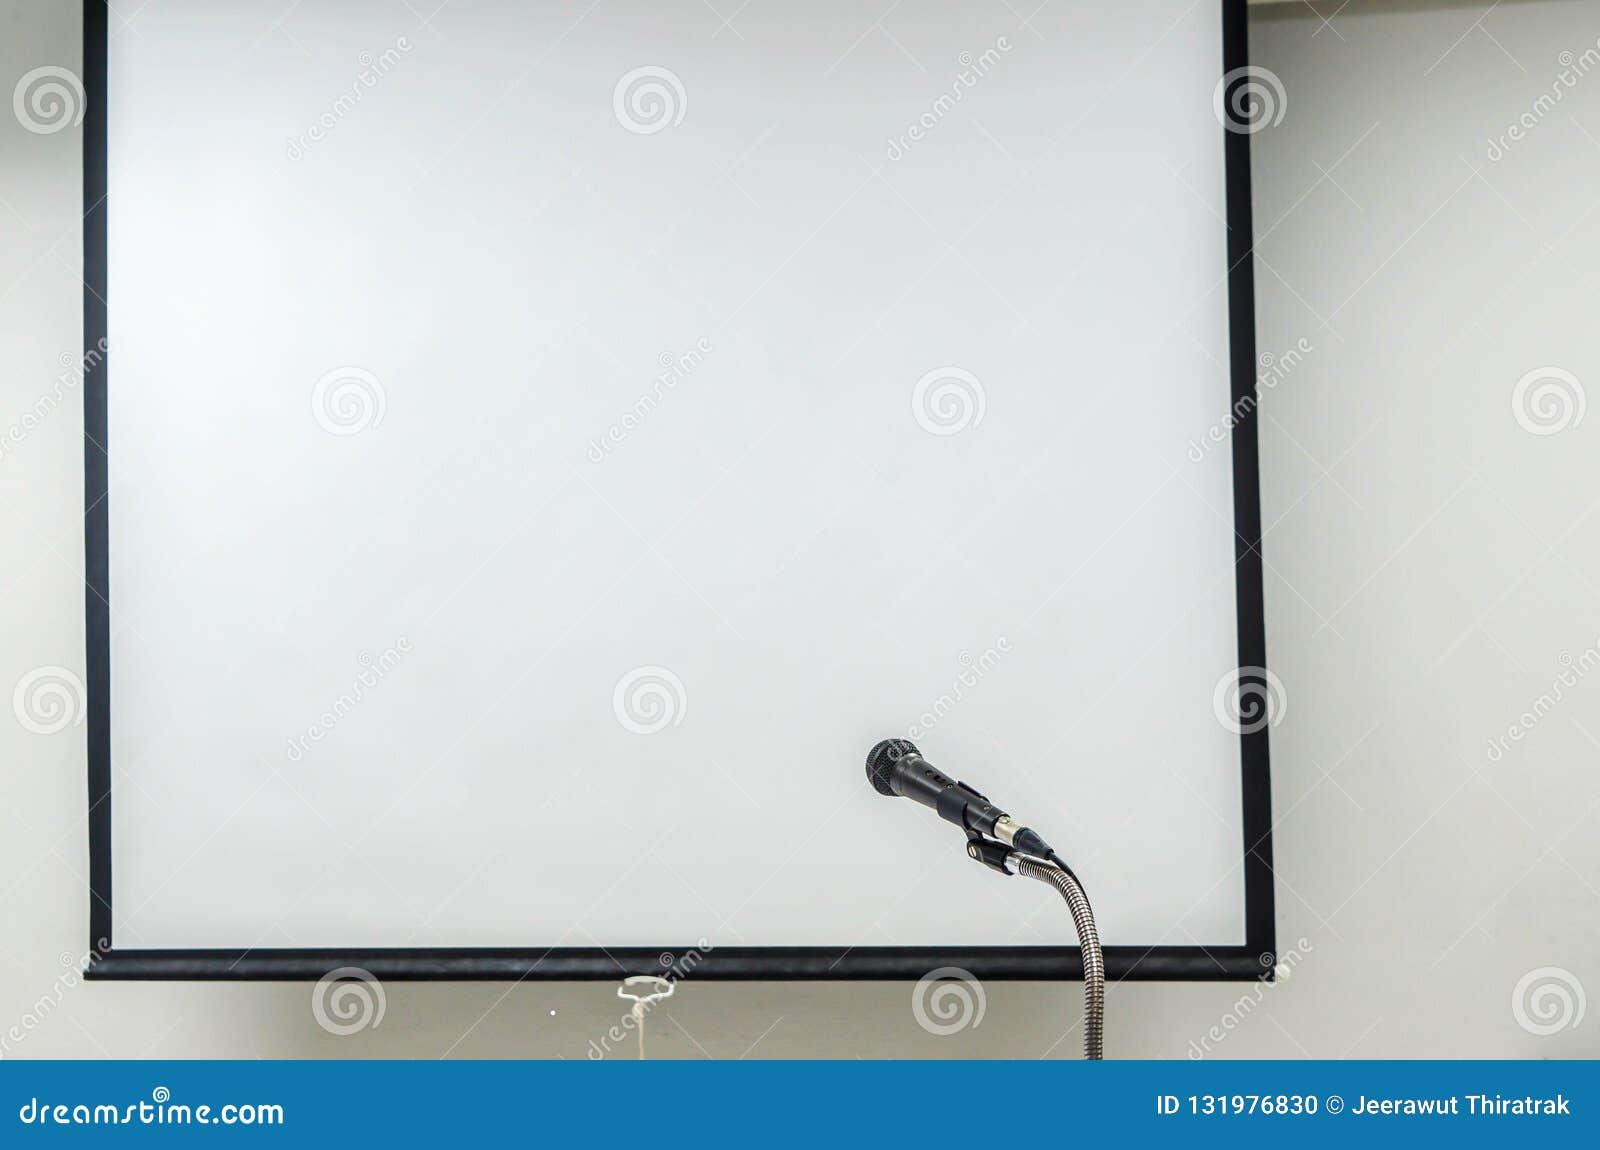 Microfone com tela do projetor